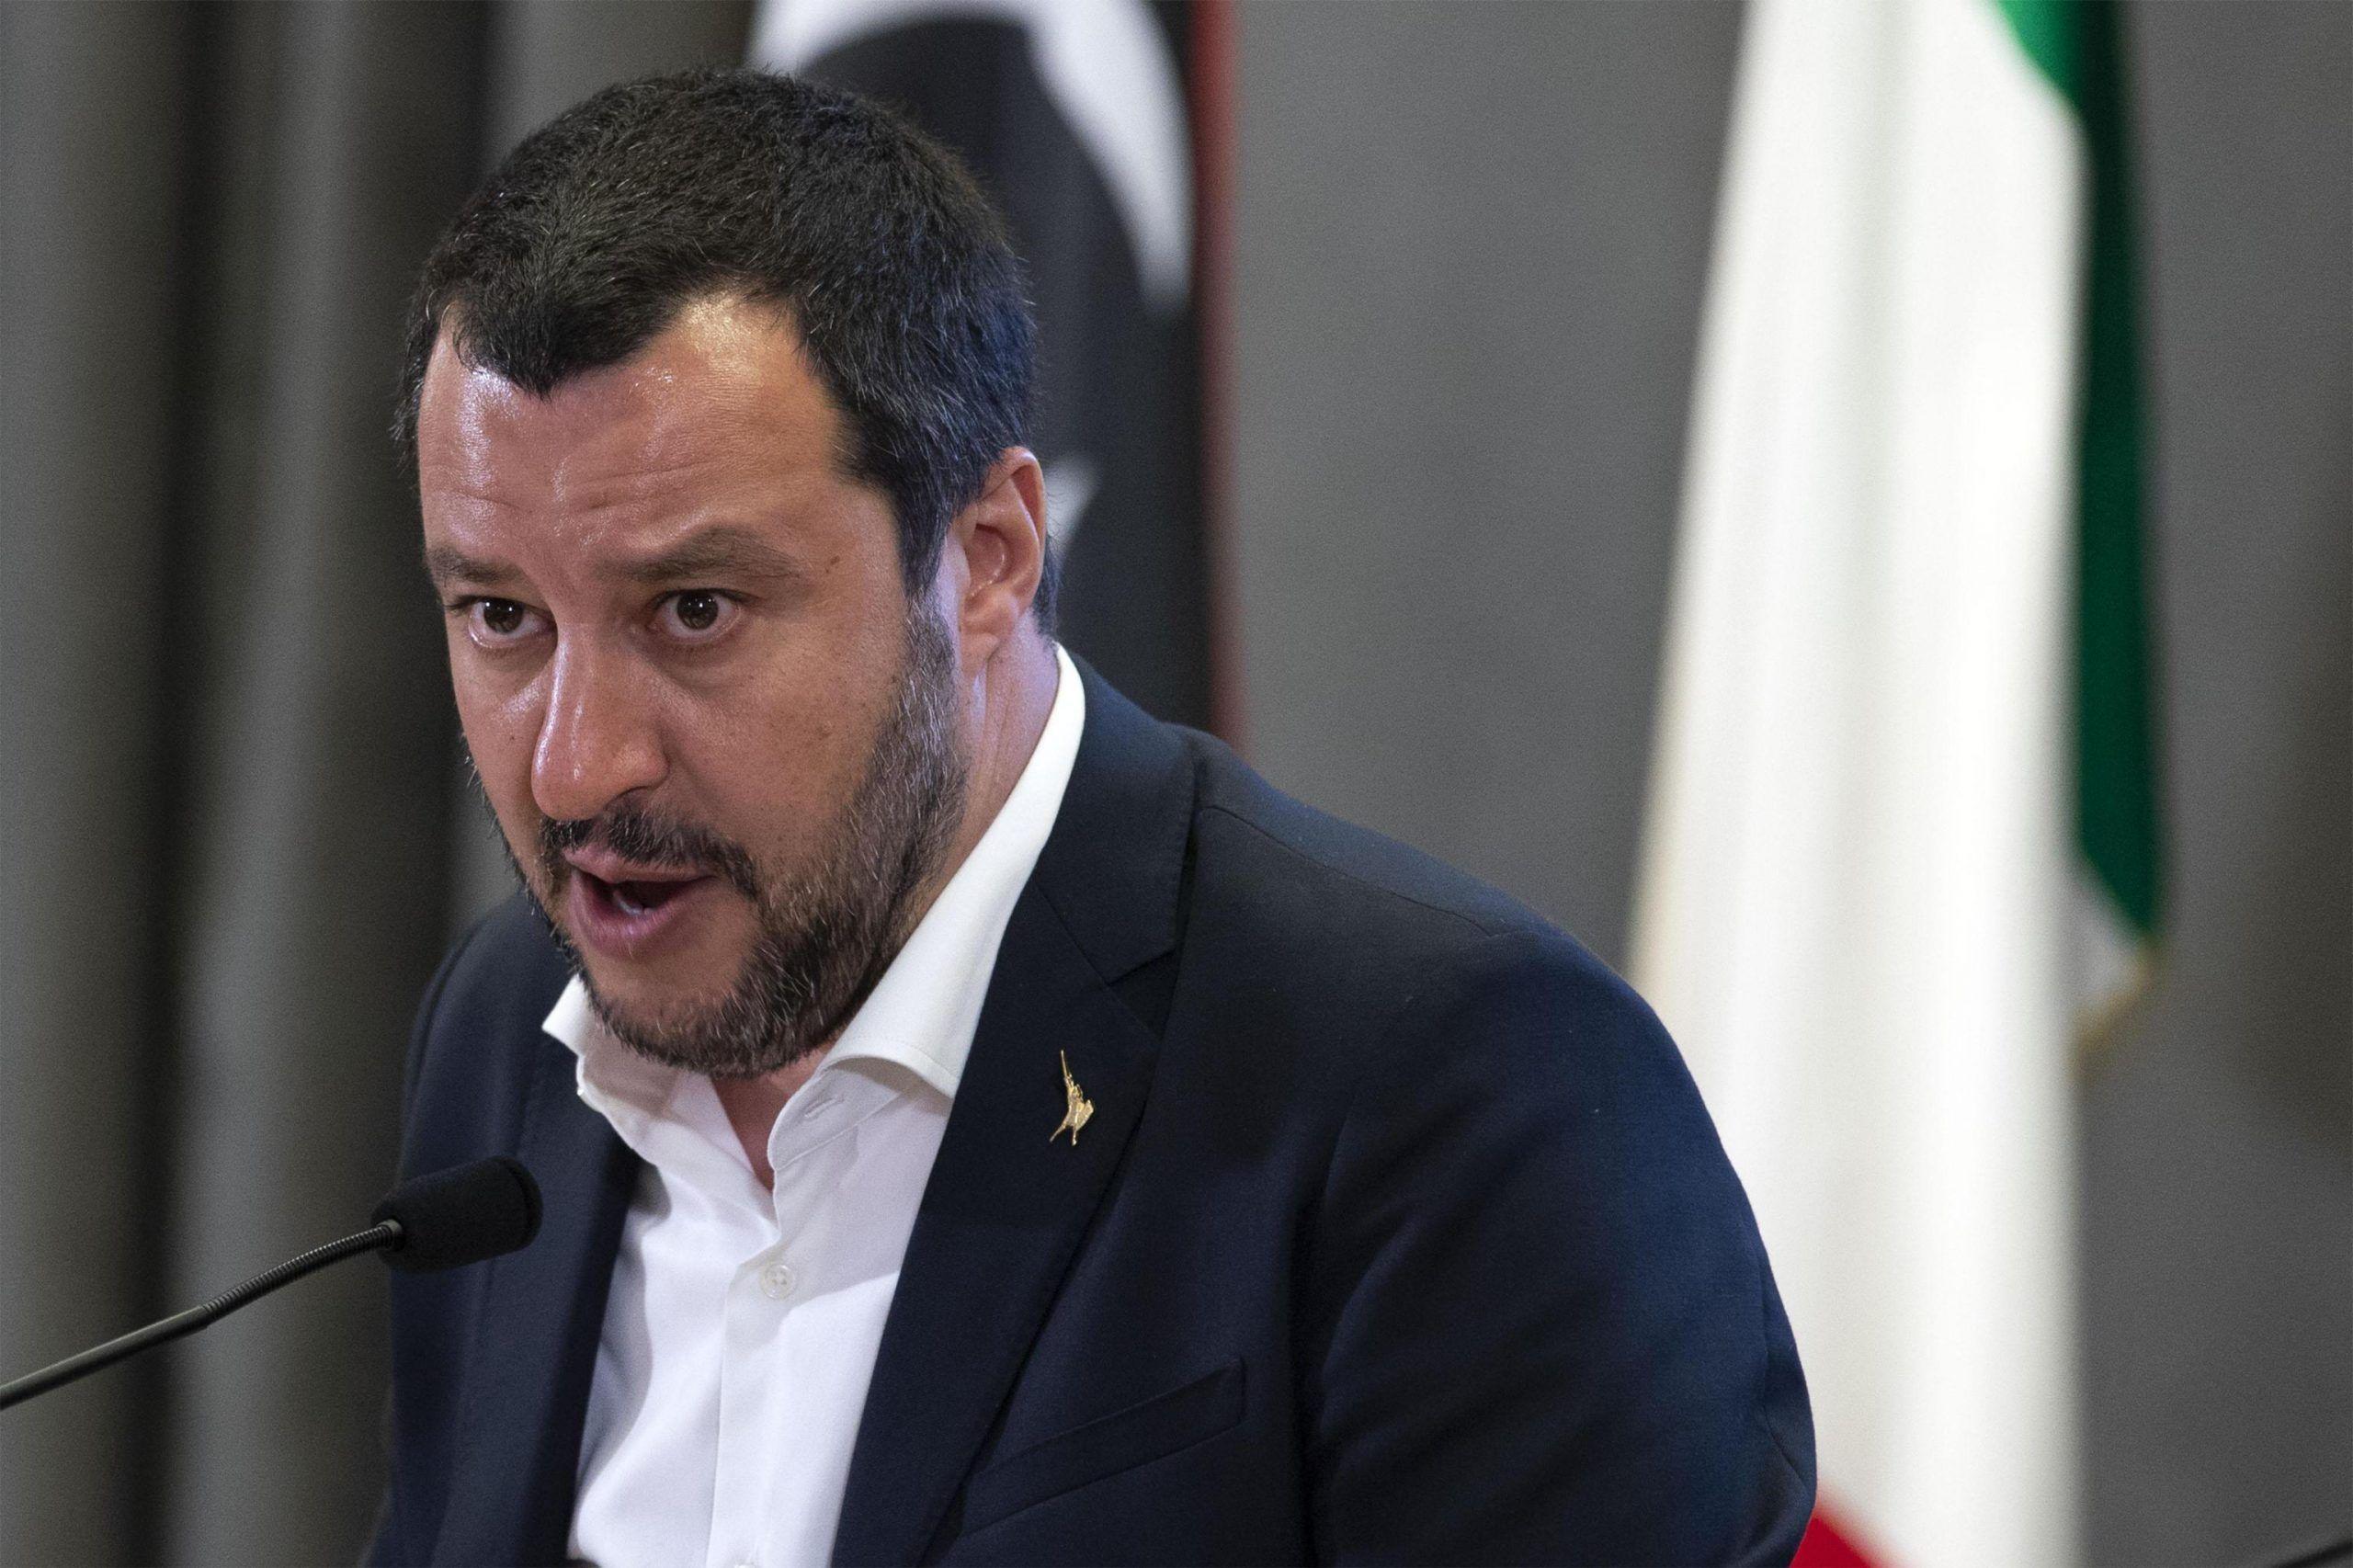 Migranti, Salvini ai prefetti: 'Asilo solo a chi ne ha diritto'. E 42 milioni vanno dall'accoglienza ai rimpatri